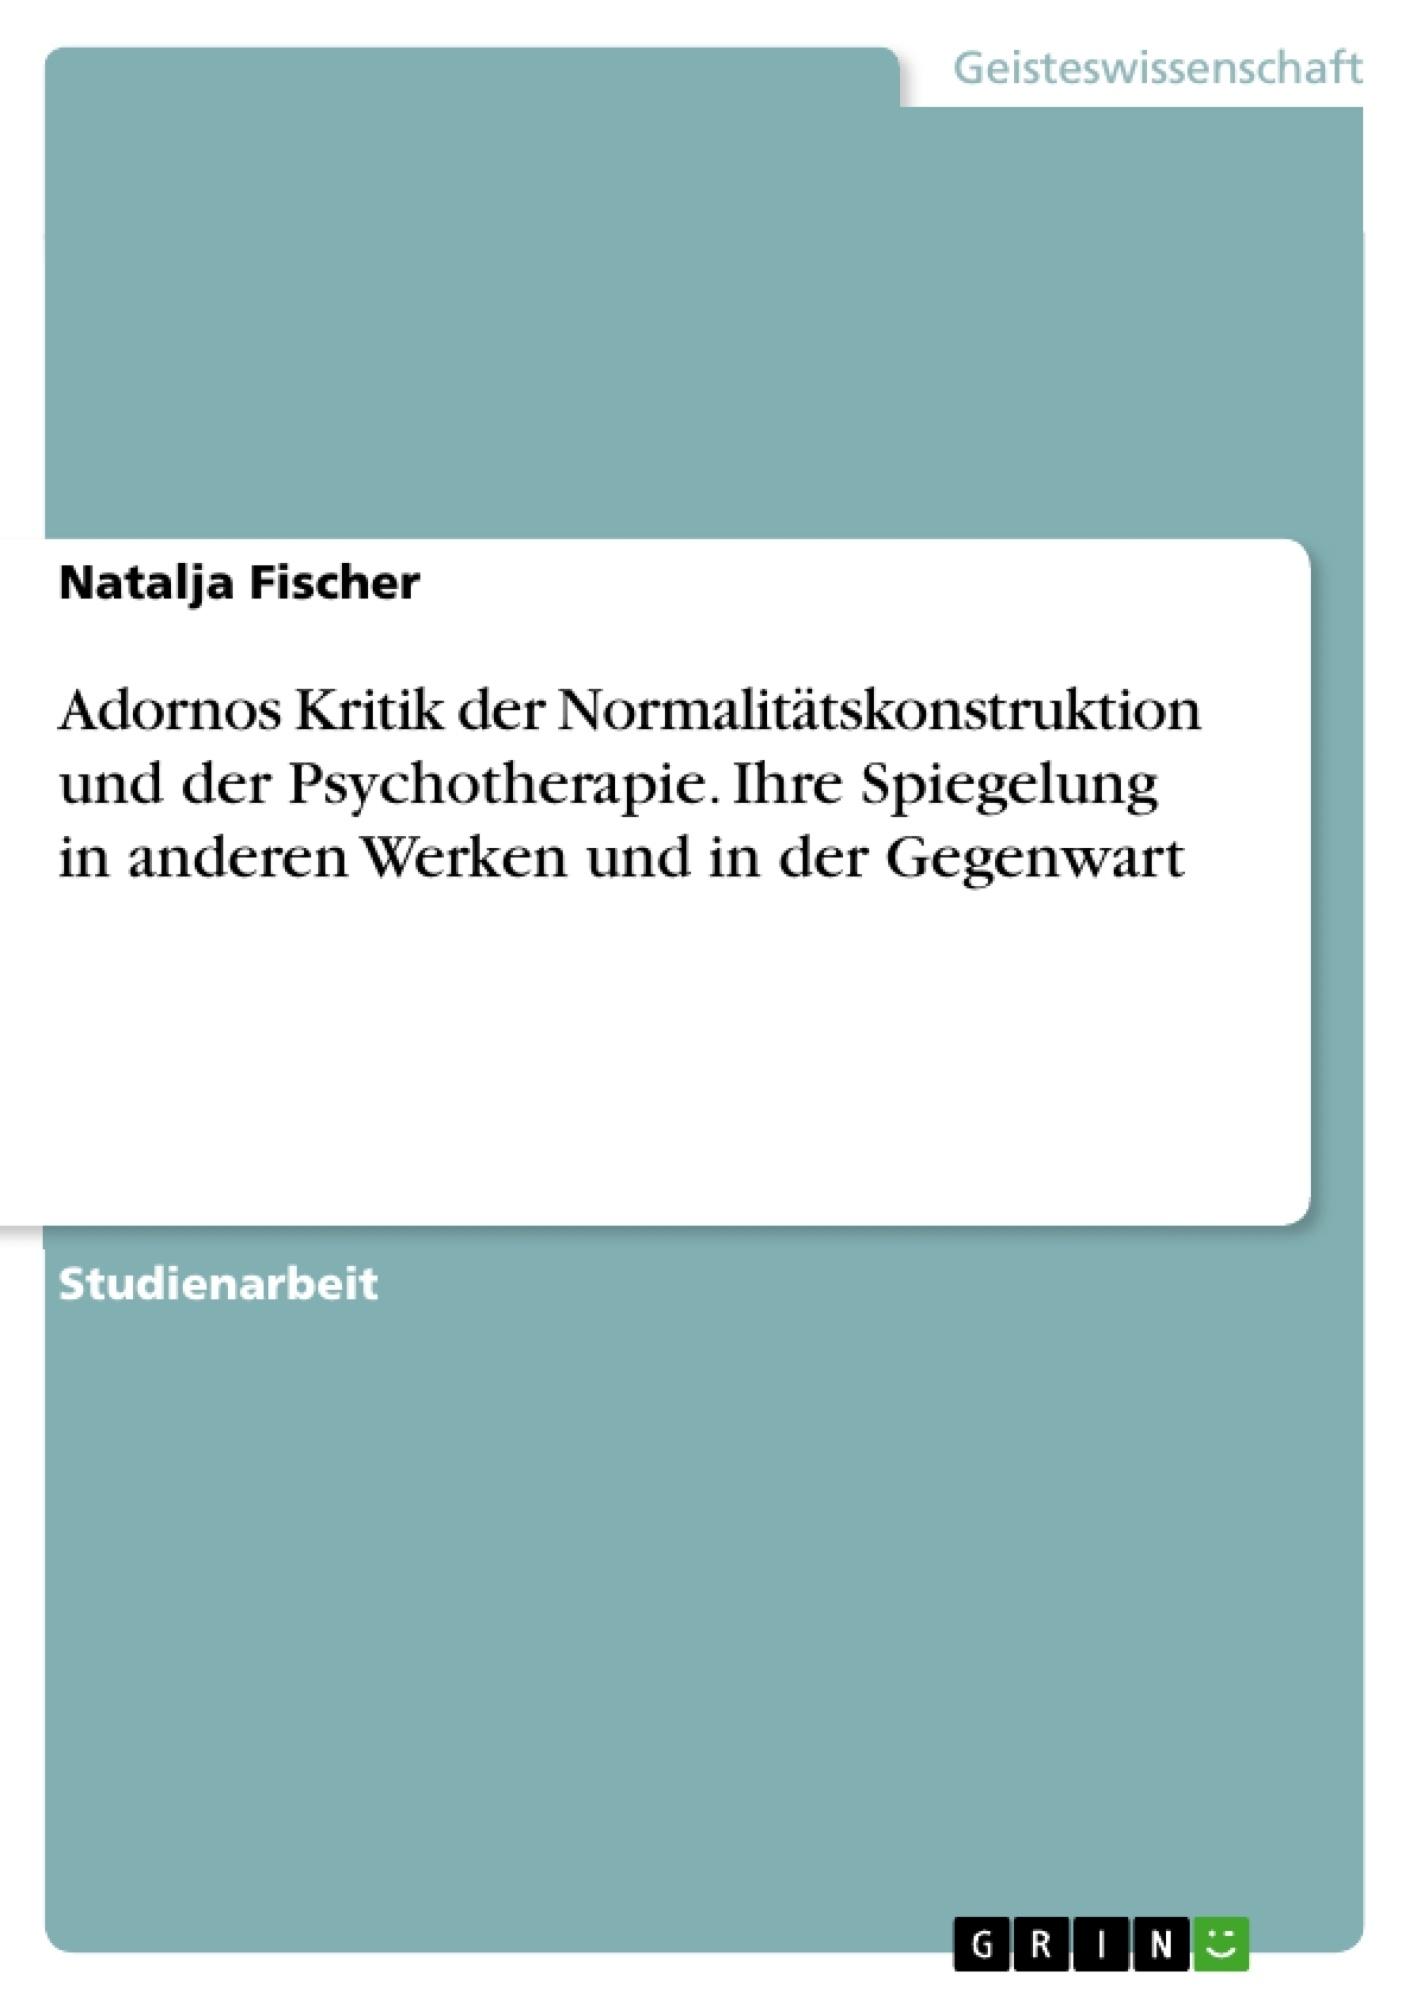 Titel: Adornos Kritik der Normalitätskonstruktion und der Psychotherapie. Ihre Spiegelung in anderen Werken und in der Gegenwart